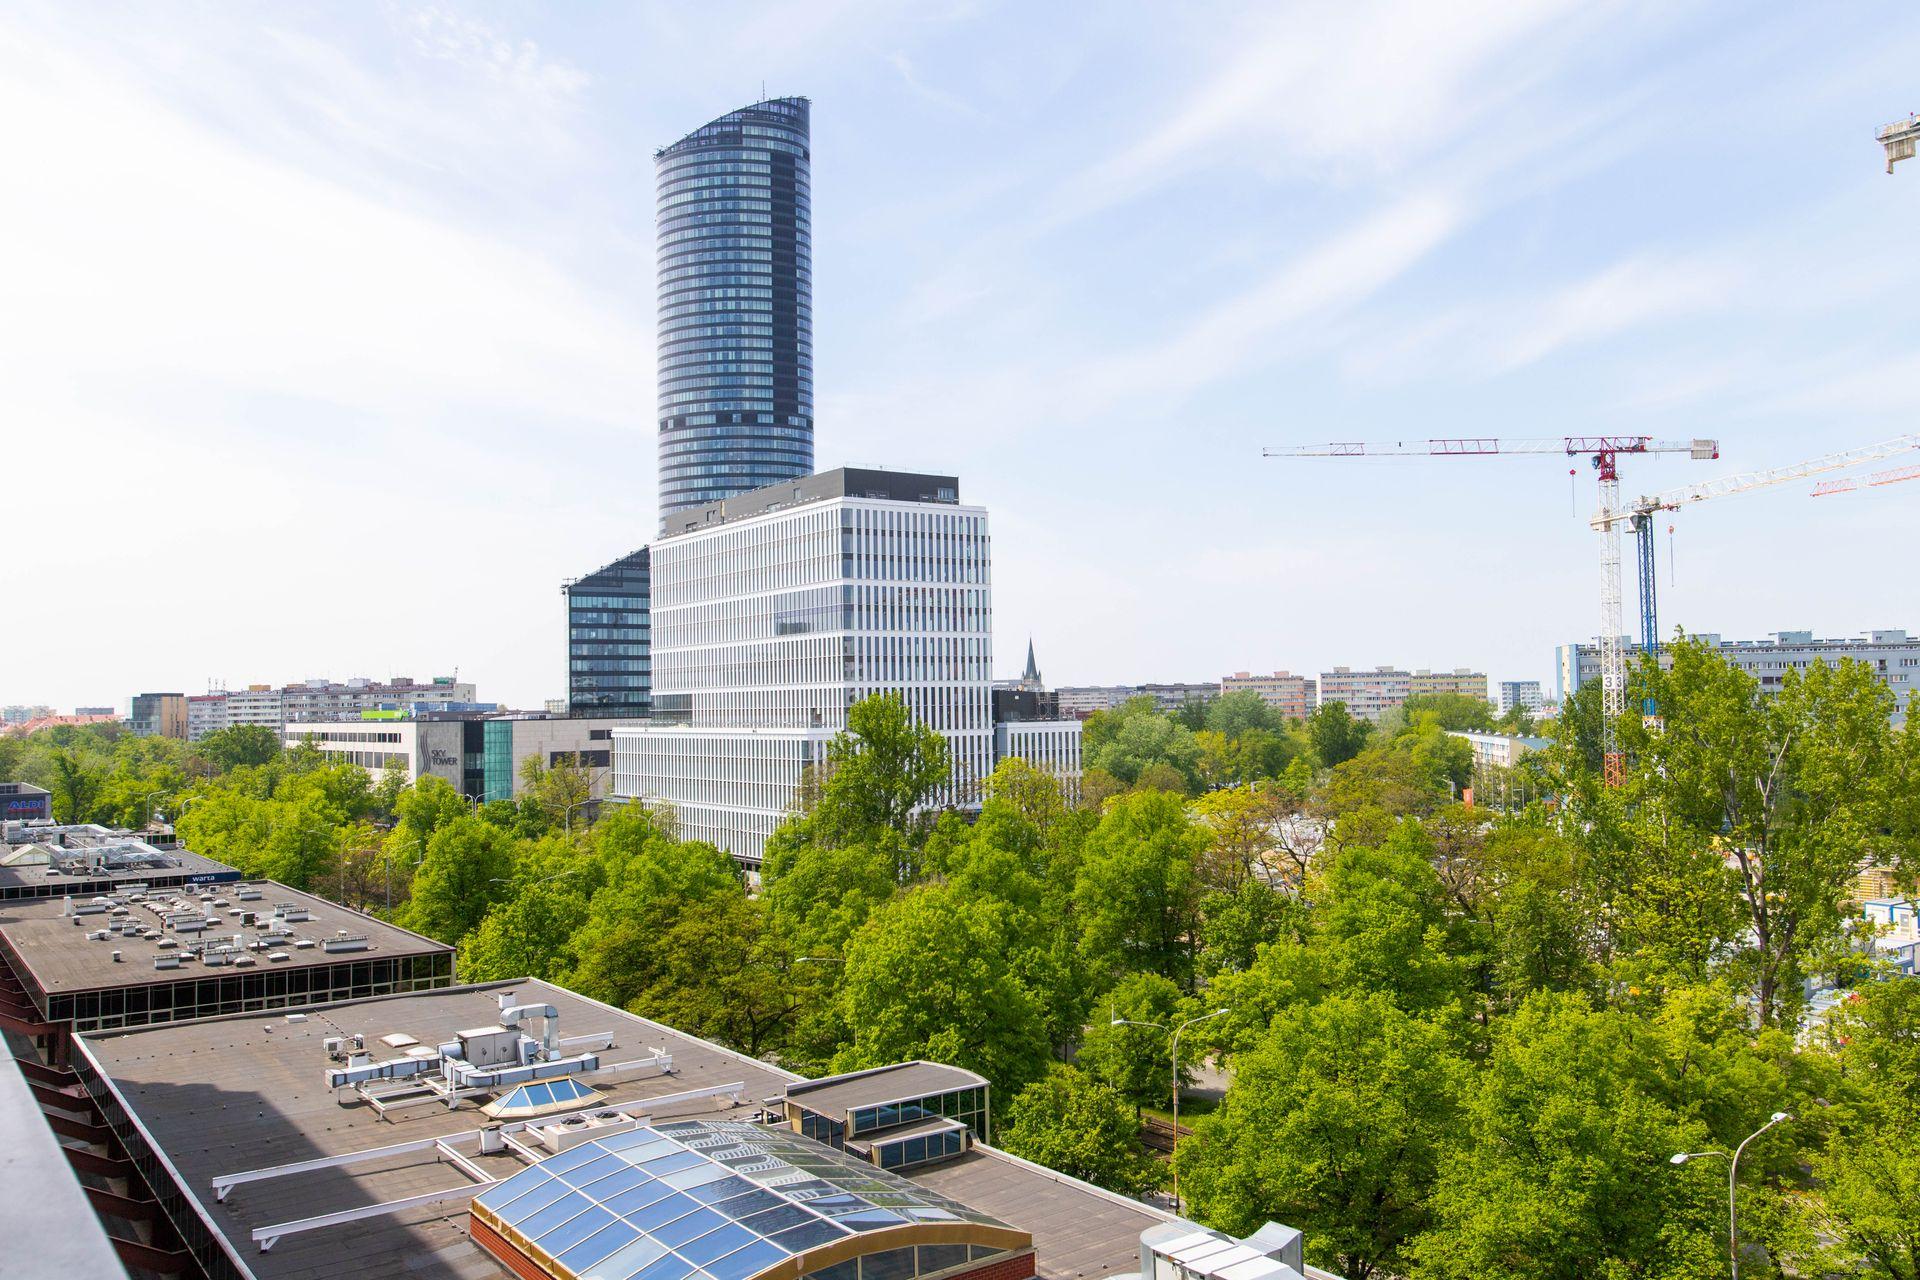 Wrocław: AmRest wynajmuje tysiące metrów kwadratowych powierzchni biurowej w Centrum Południe